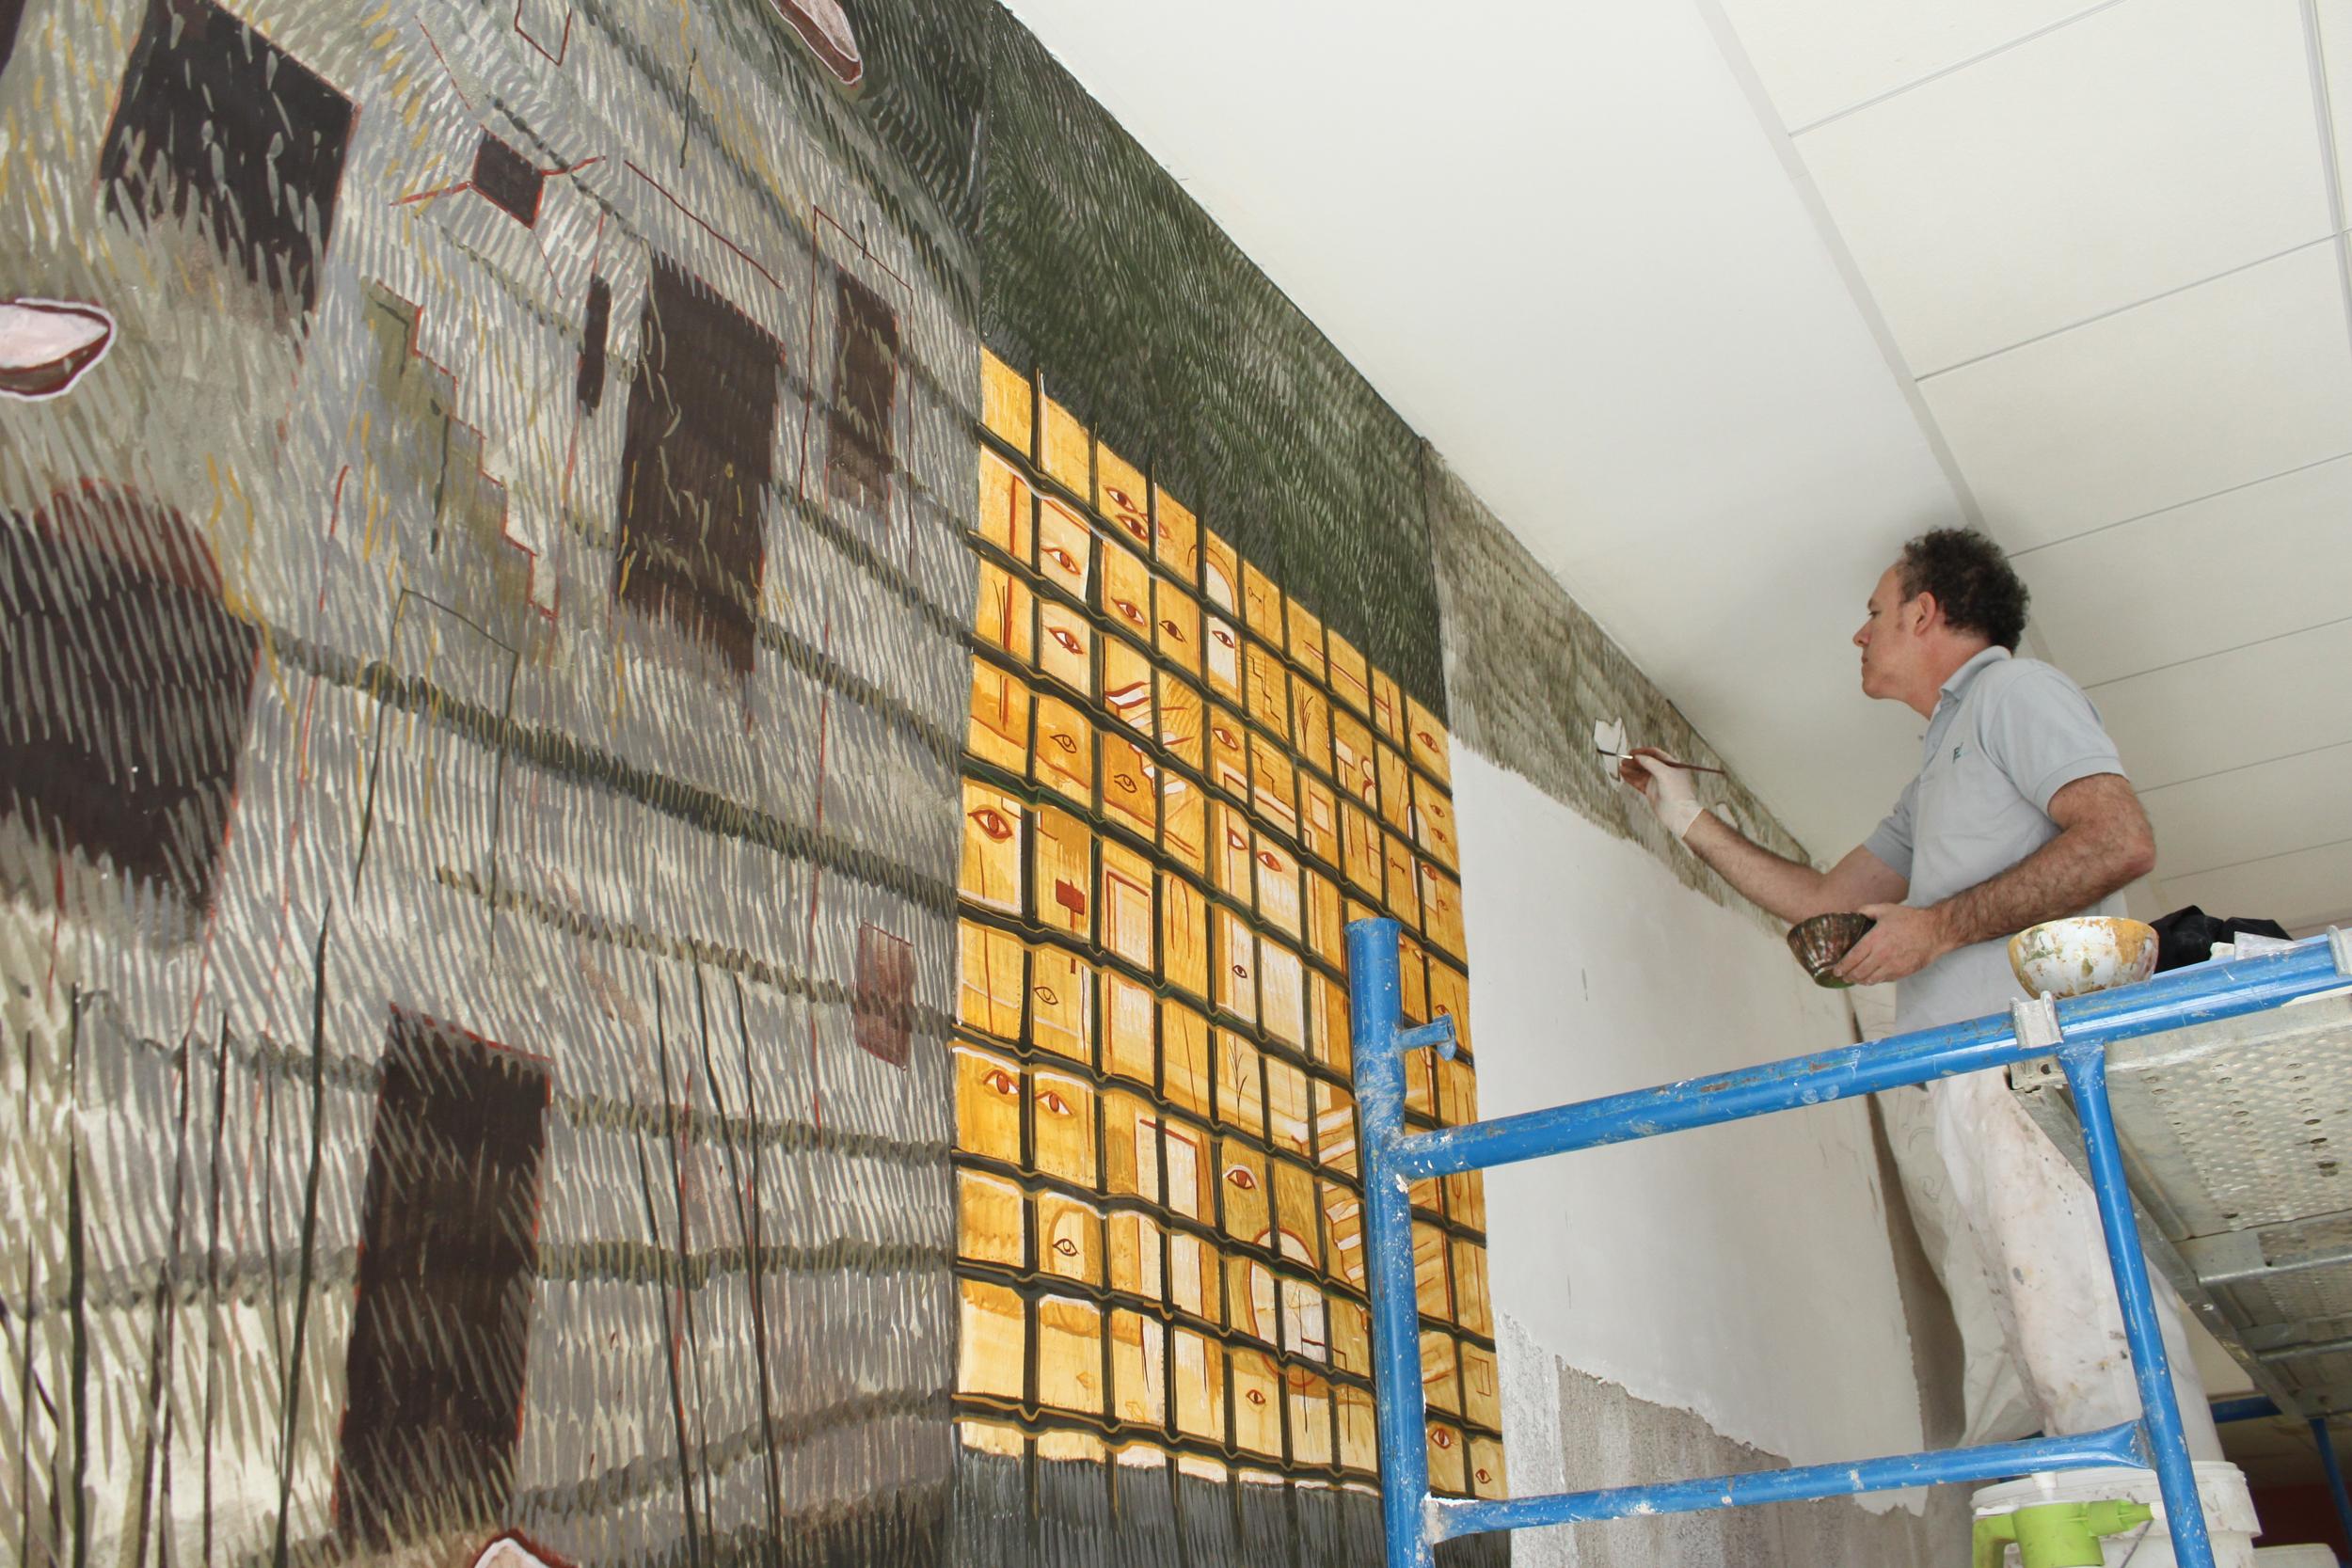 Tàrrega culmina el Tricentenari amb dues exposicions, la divulgació de patrimoni històric i la inauguració del fresc de Josep Minguell